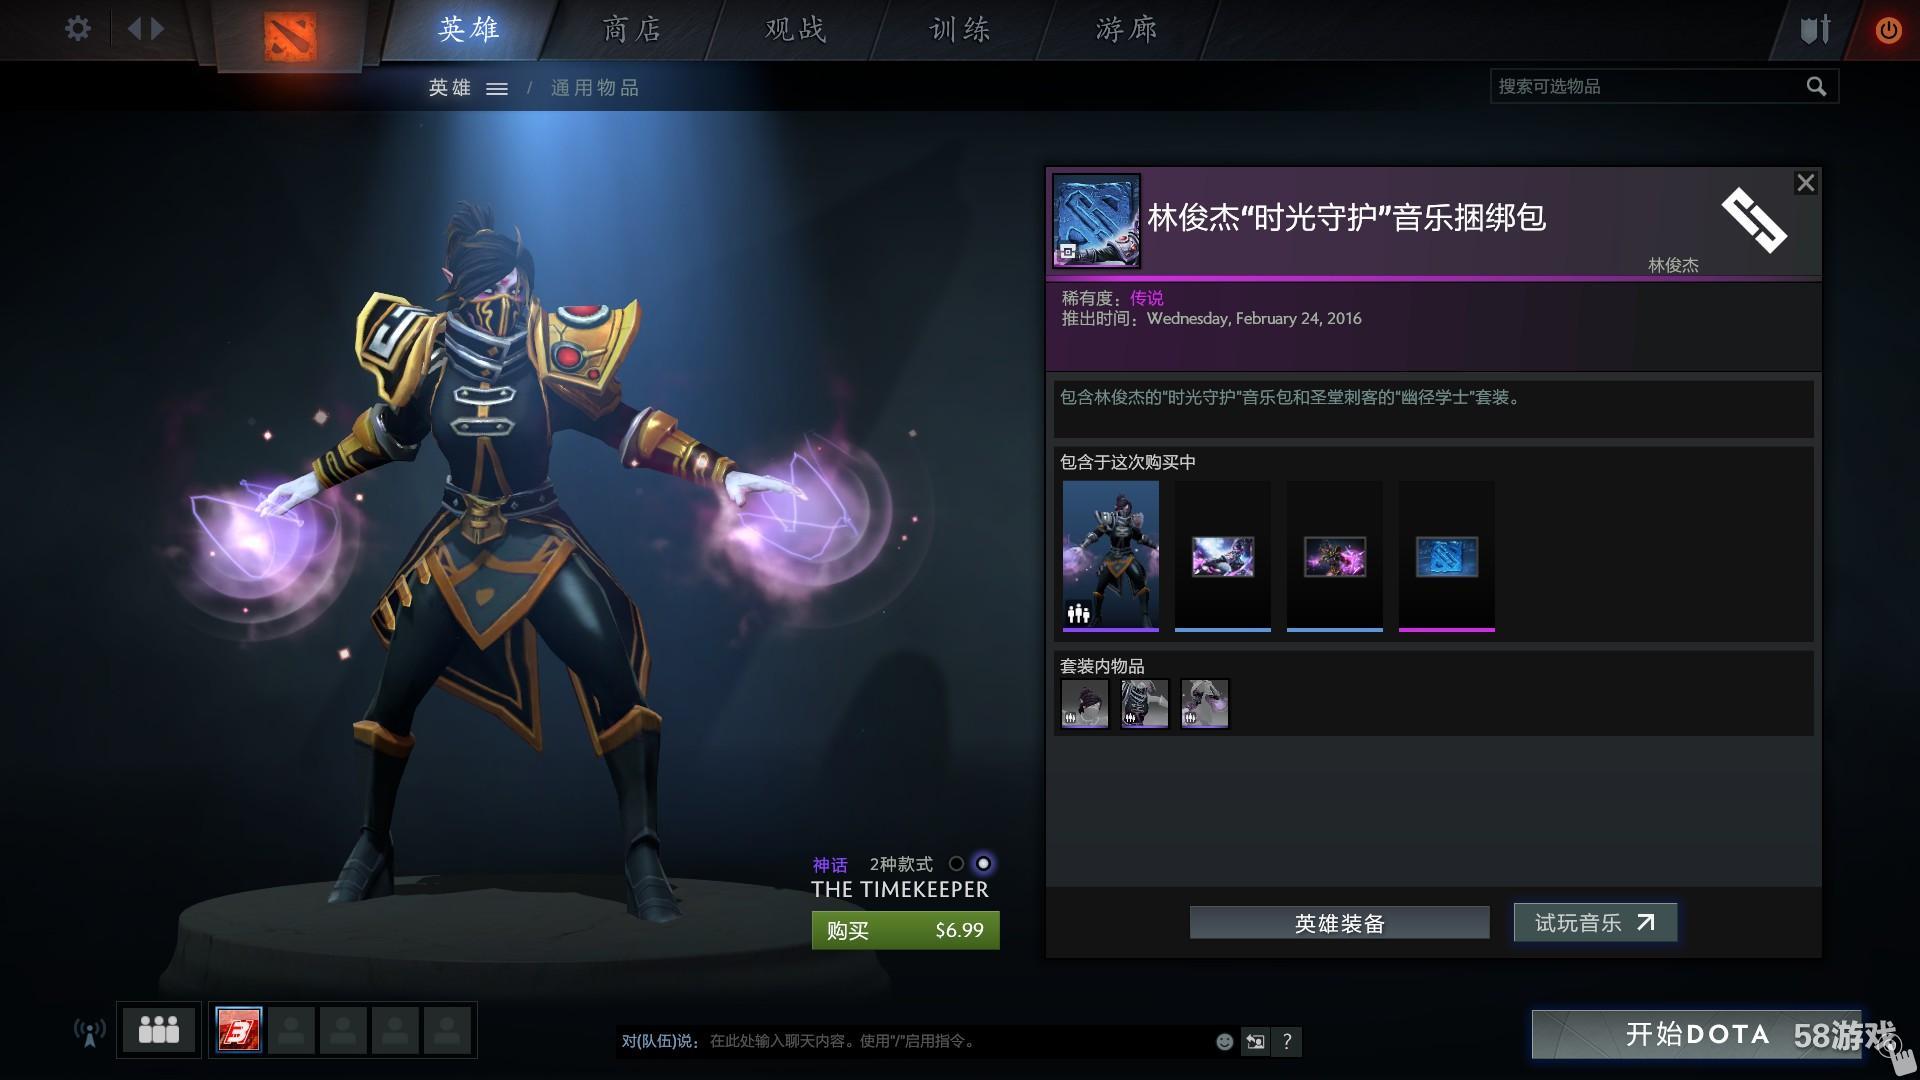 3月1日更新:林俊杰音乐包ta套改名时光守护图片